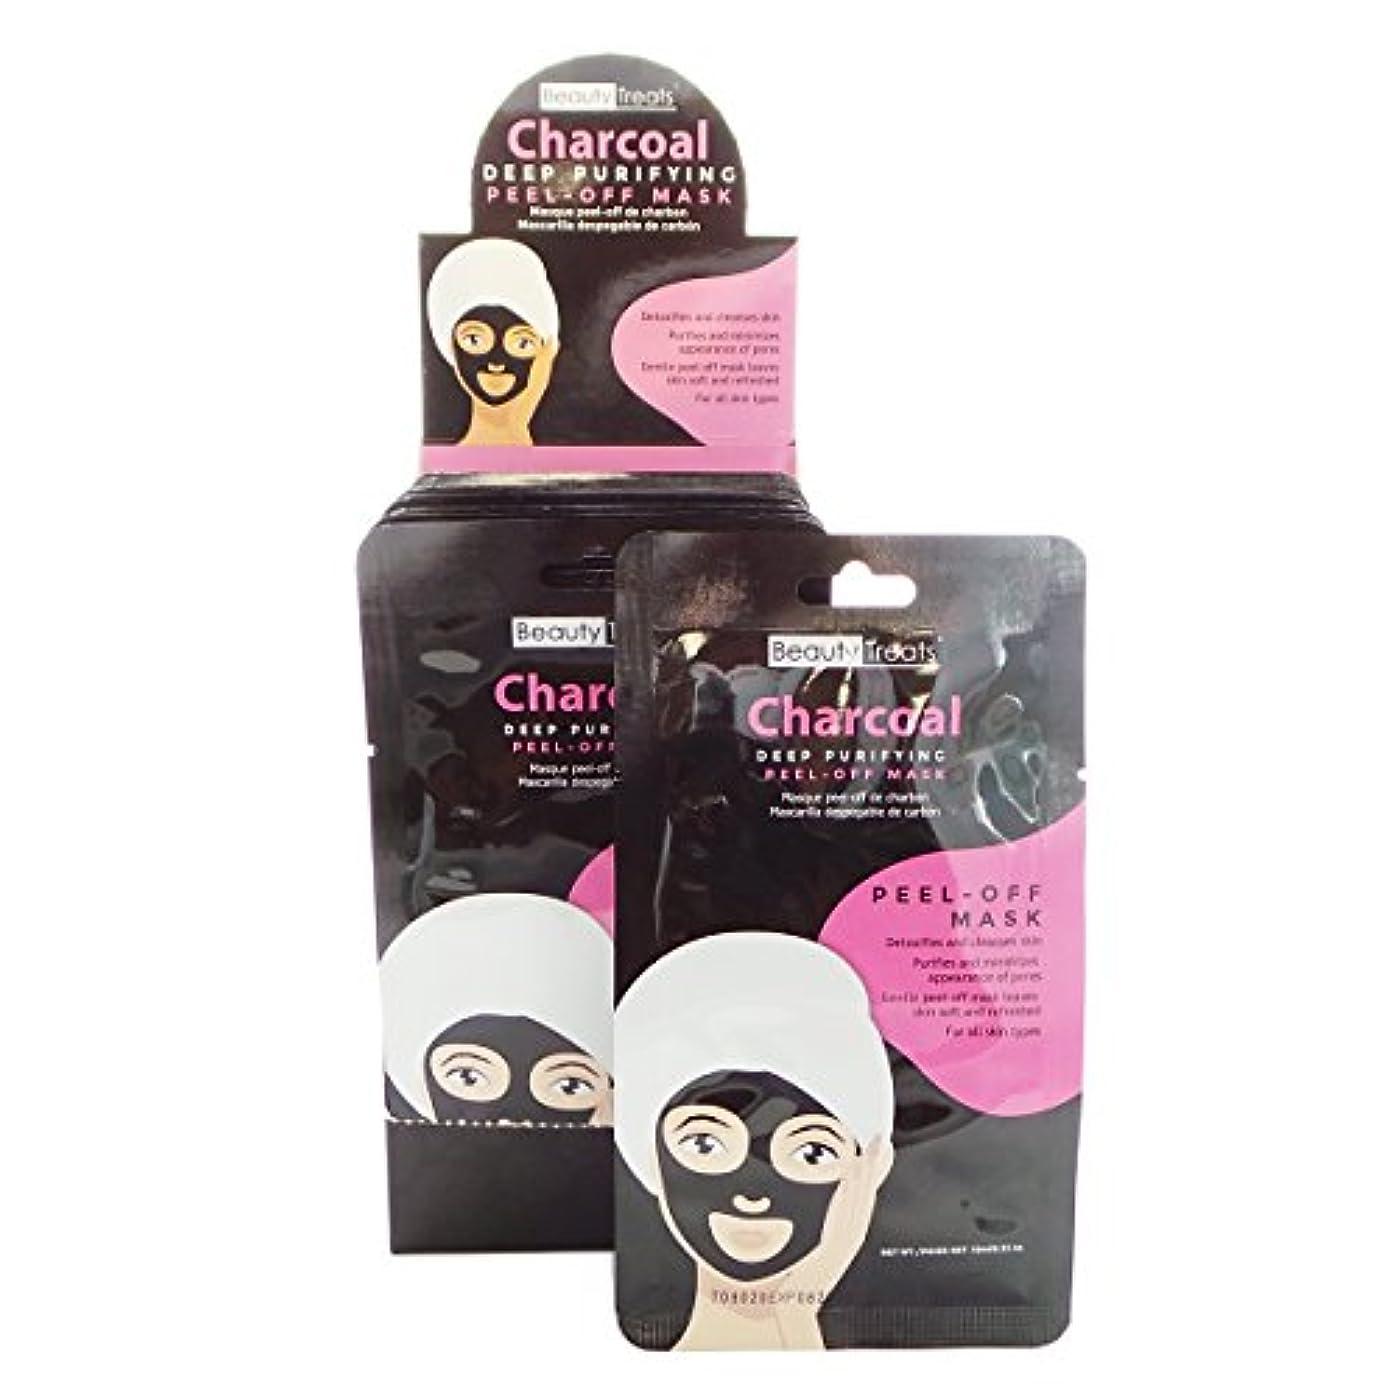 造船非公式早熟BEAUTY TREATS Deep Purifying Peel-Off Charcoal Mask Display Set, 24 Pieces (並行輸入品)